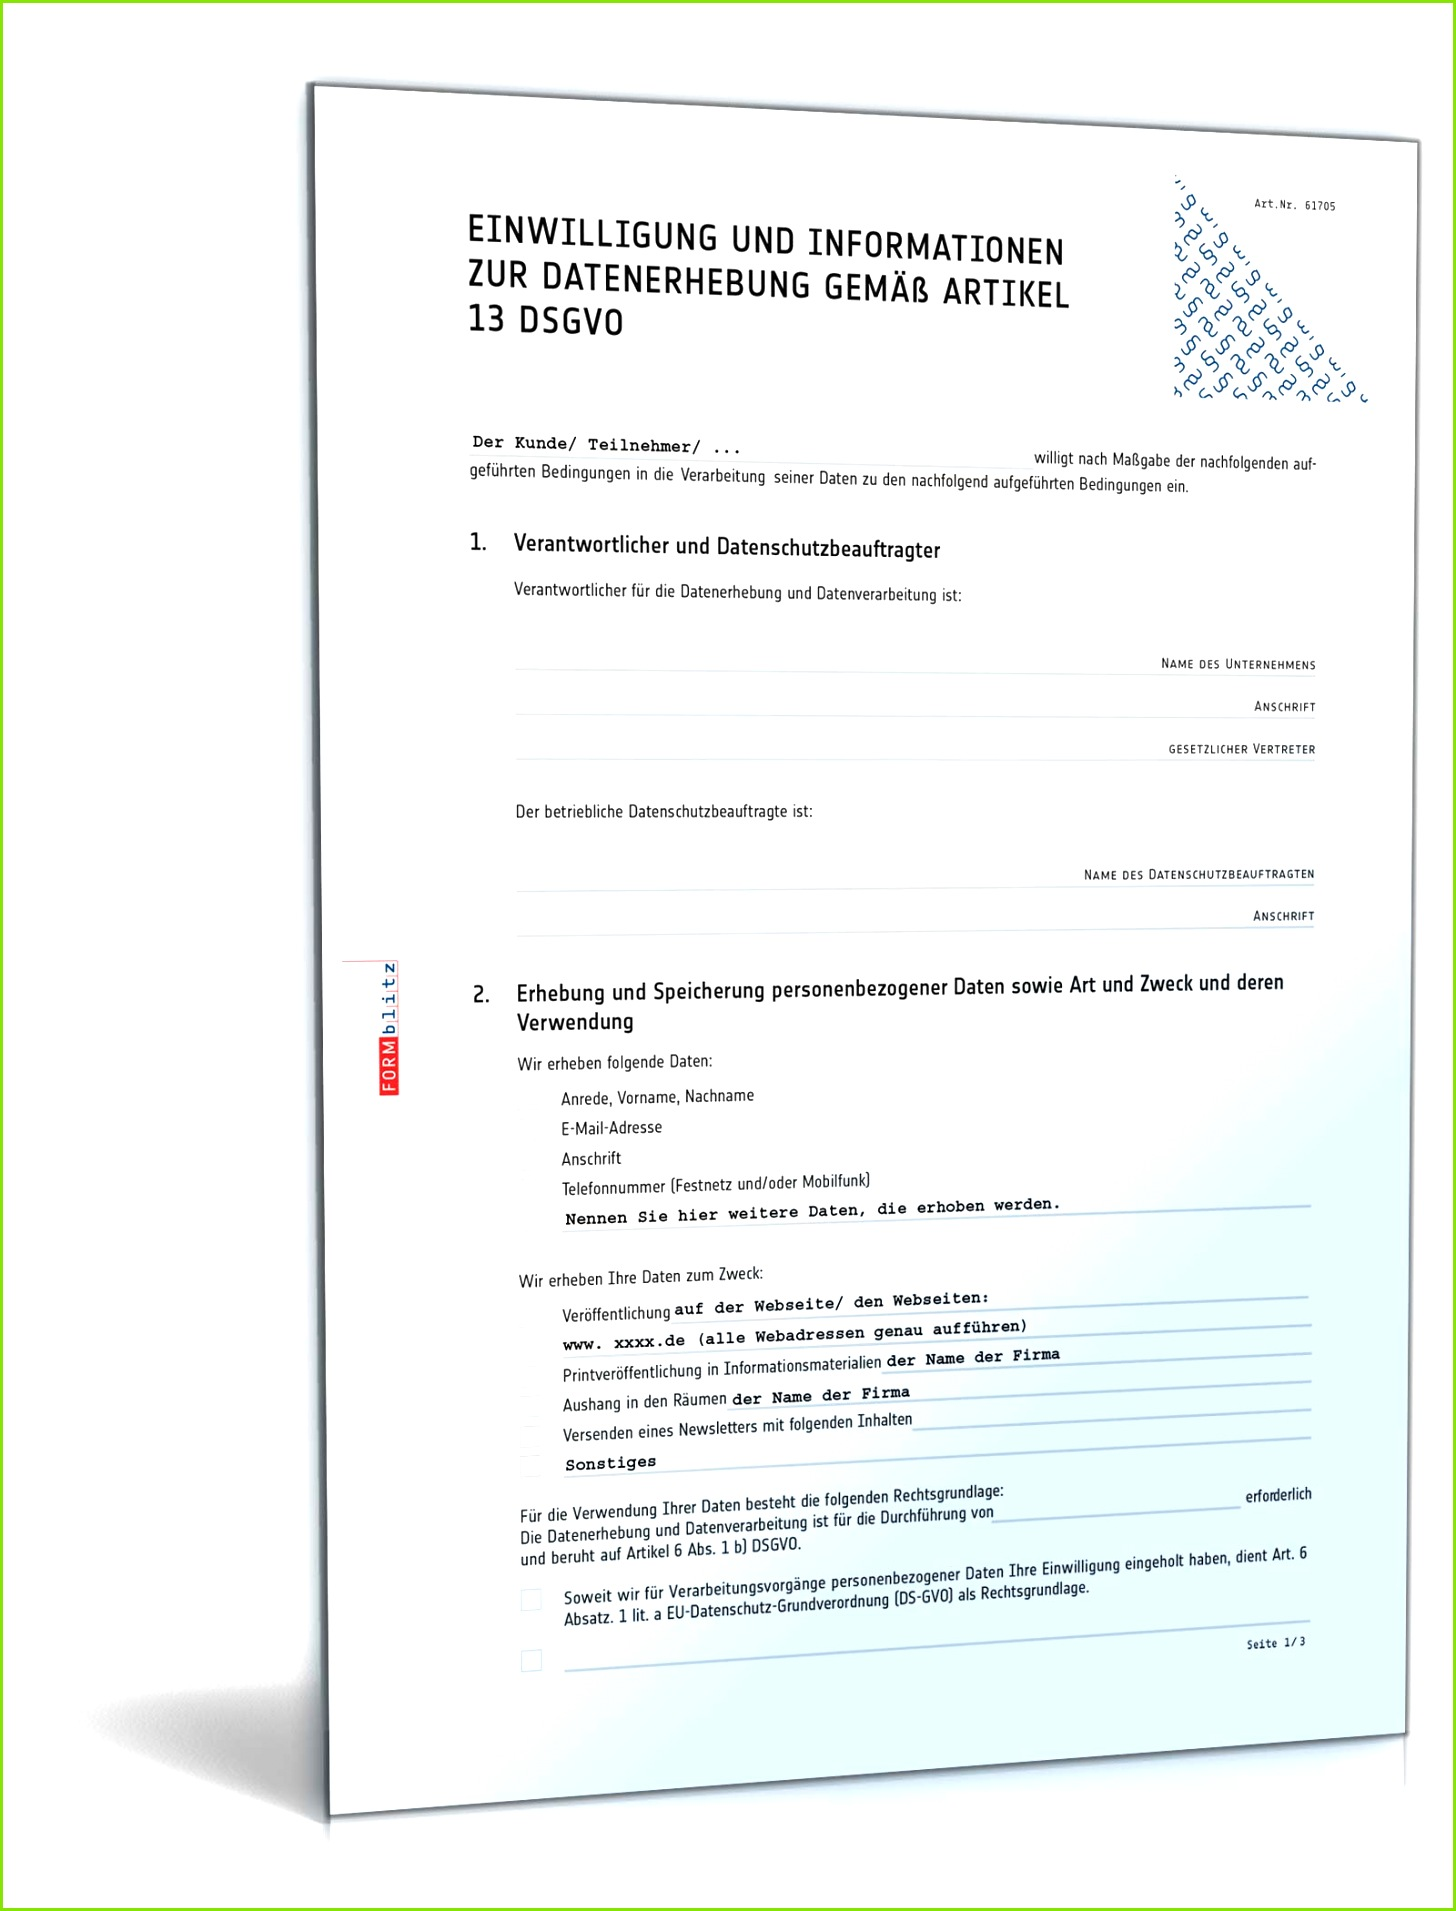 Einwilligungserklärung zur Datennutzung gemäß DSGVO